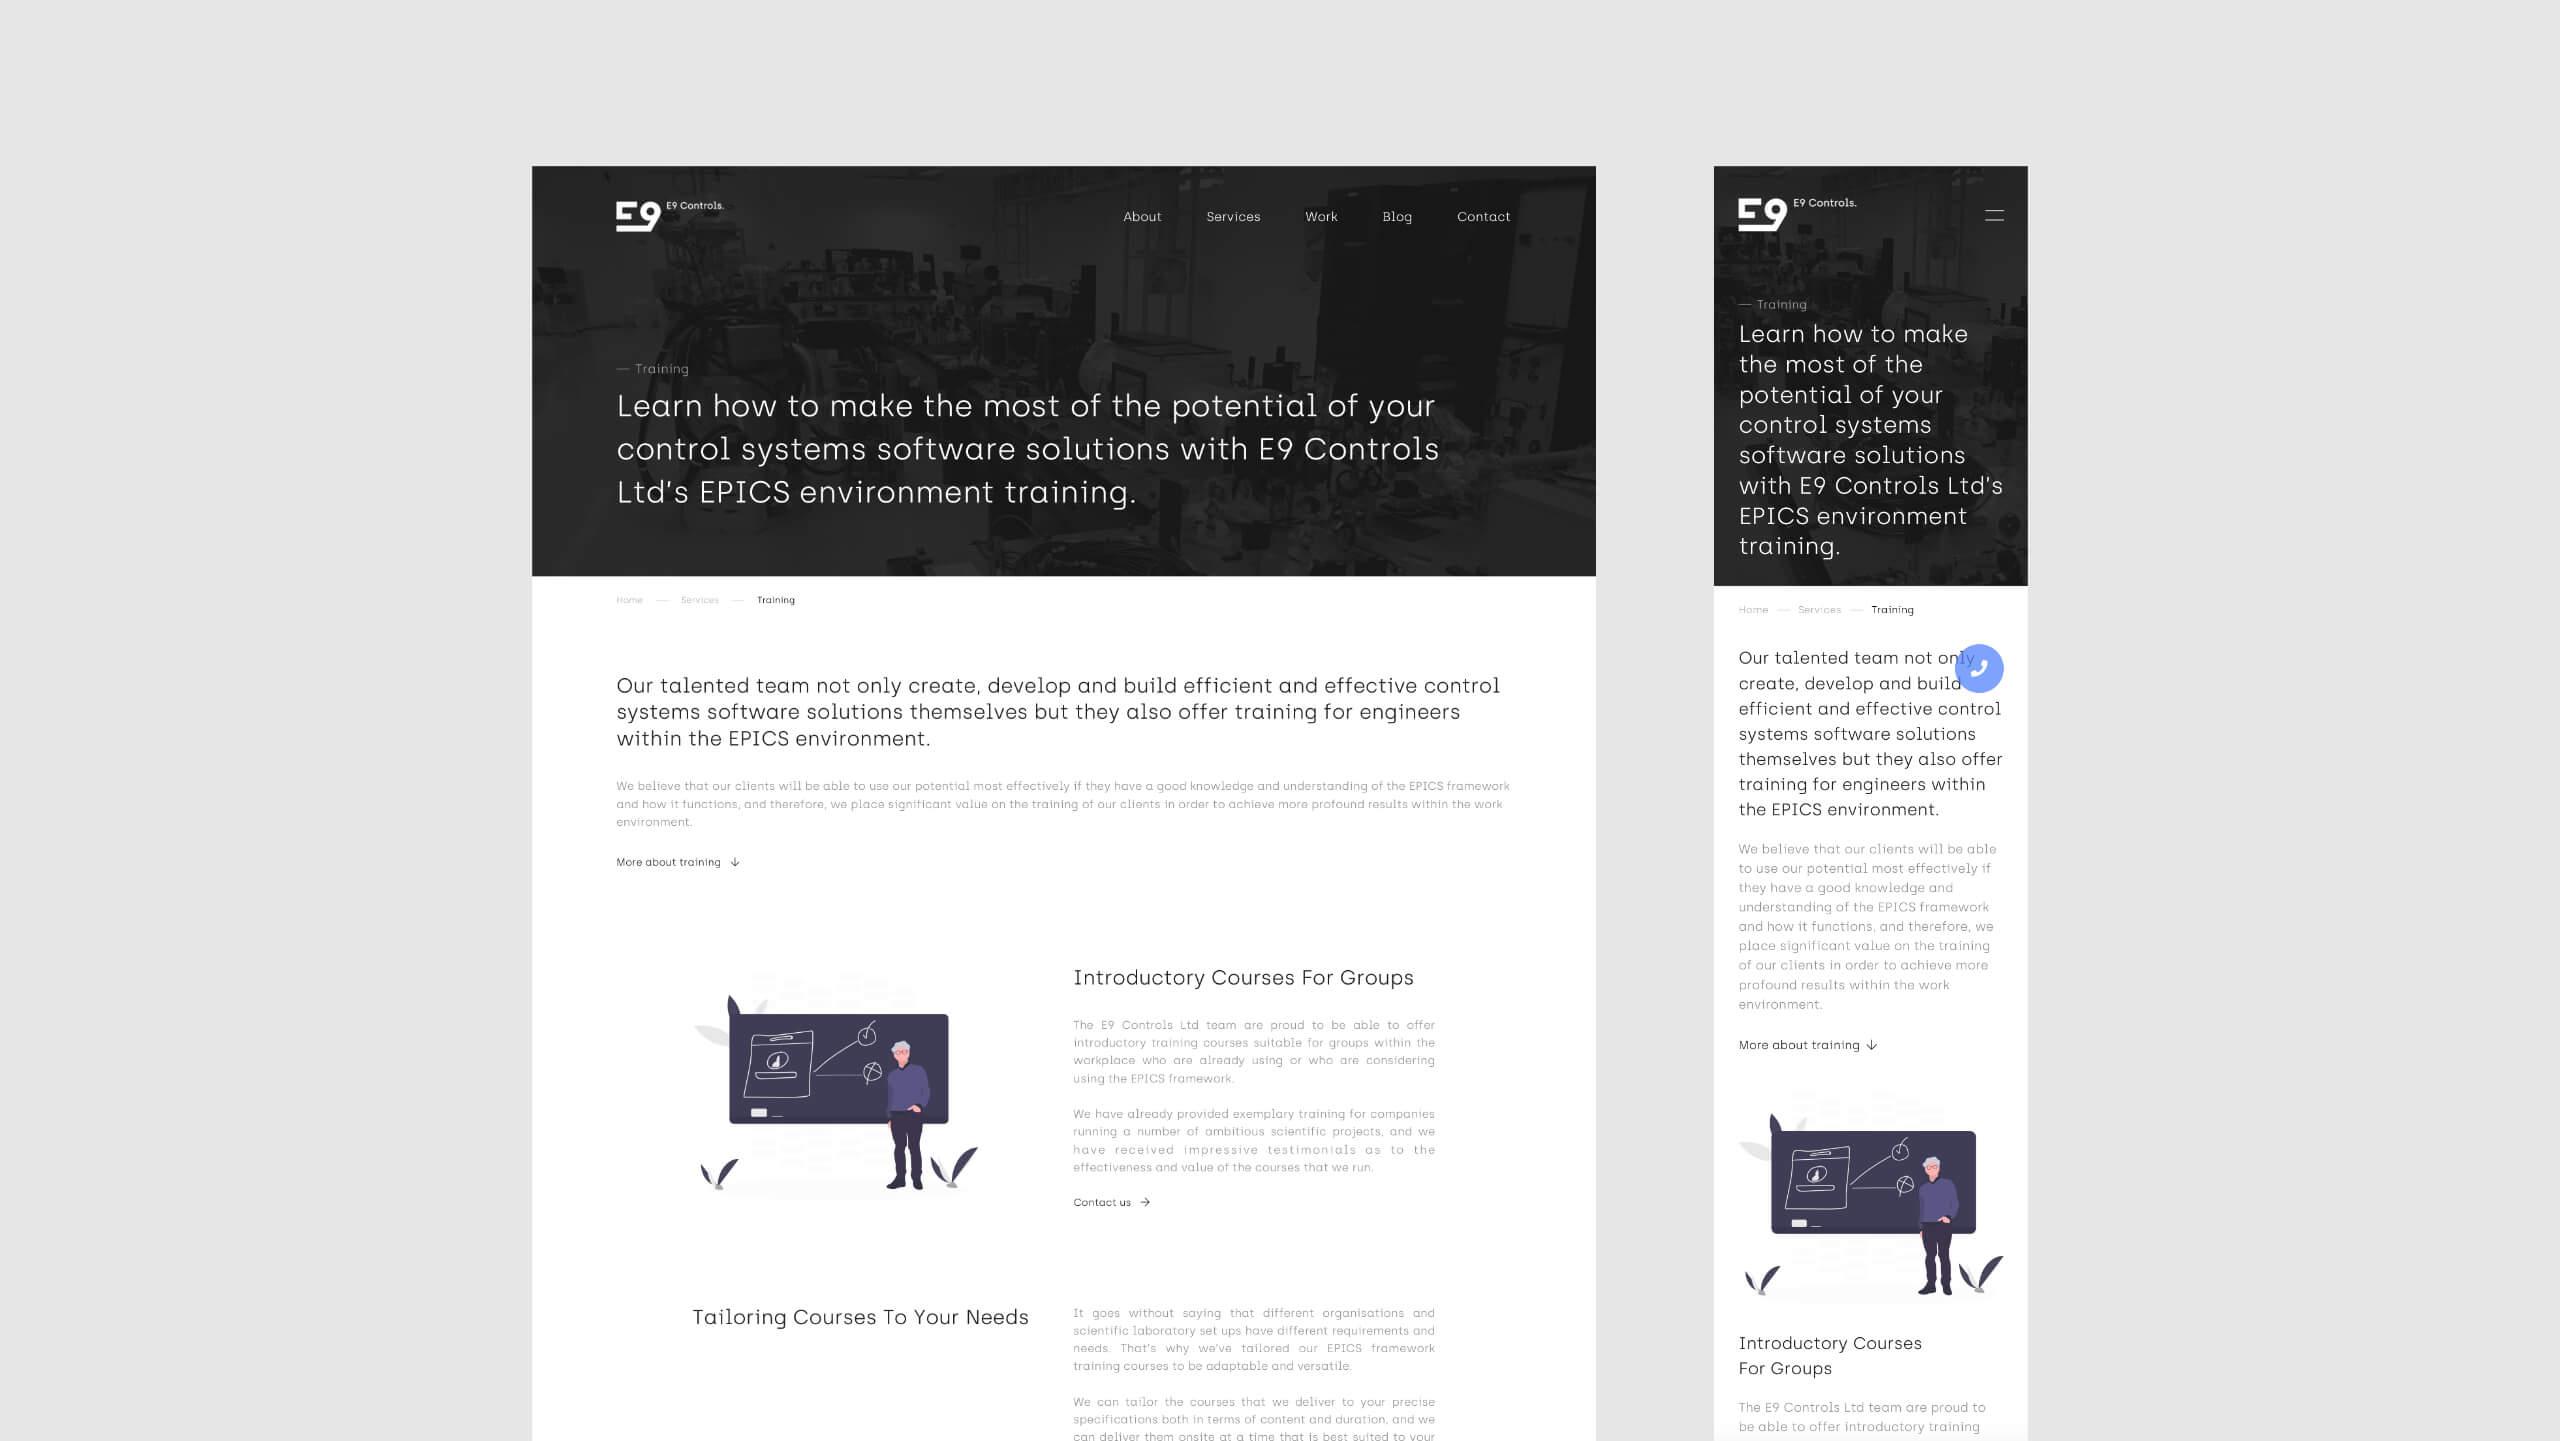 E9 Controls - Web Development & Web Design